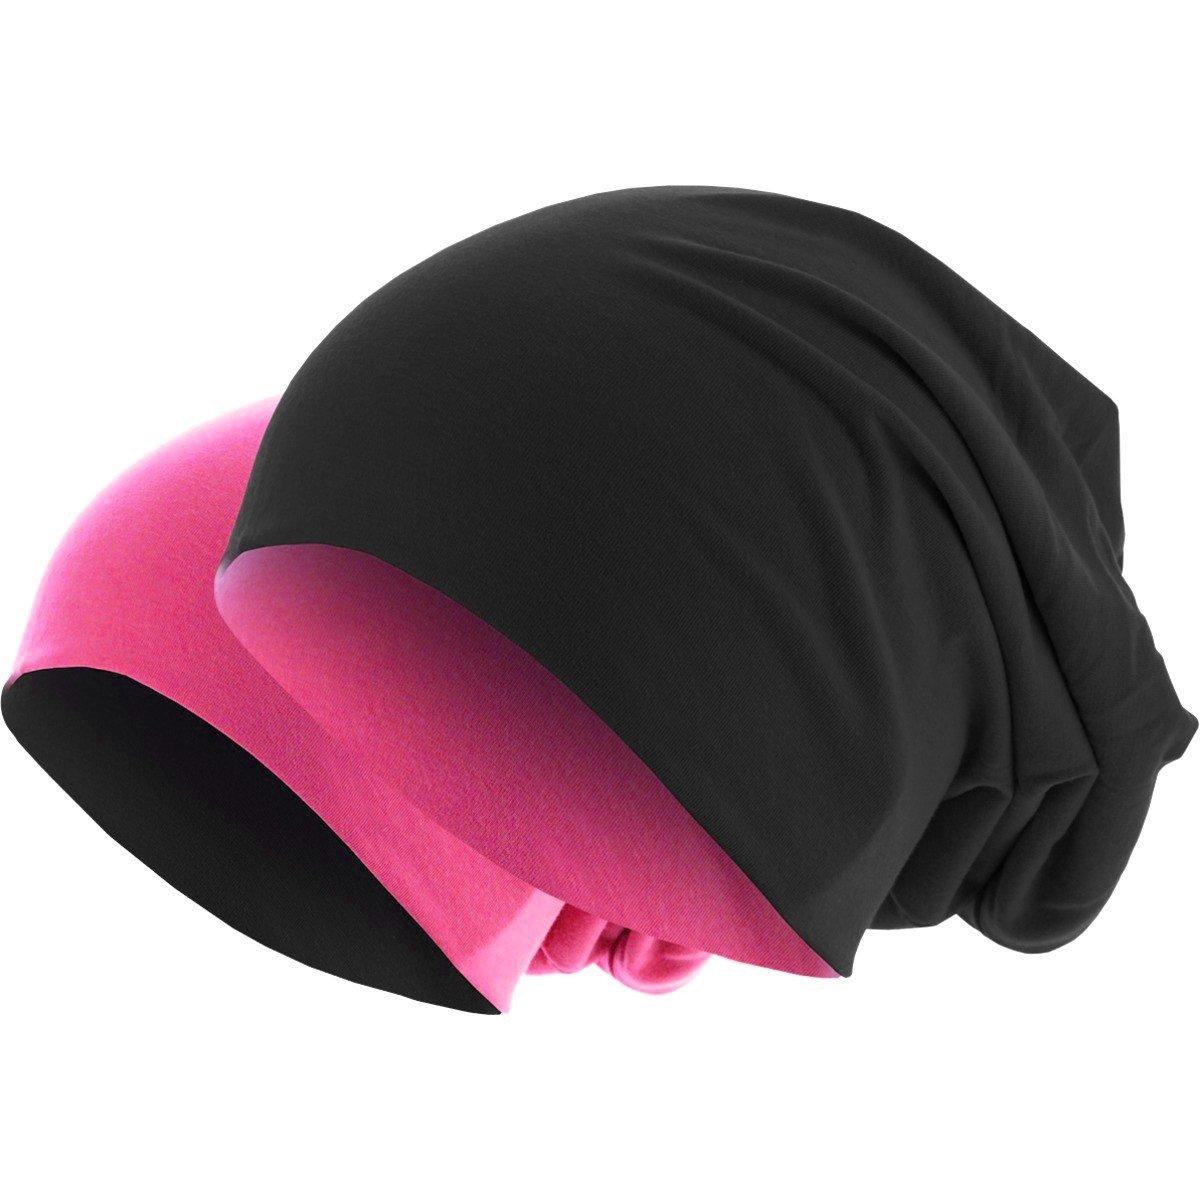 3b08f9bd28c8df Hatstar Slouch Long Beanie 2in1 Reversible Jersey Mütze in 44 Farben  Sommermütze